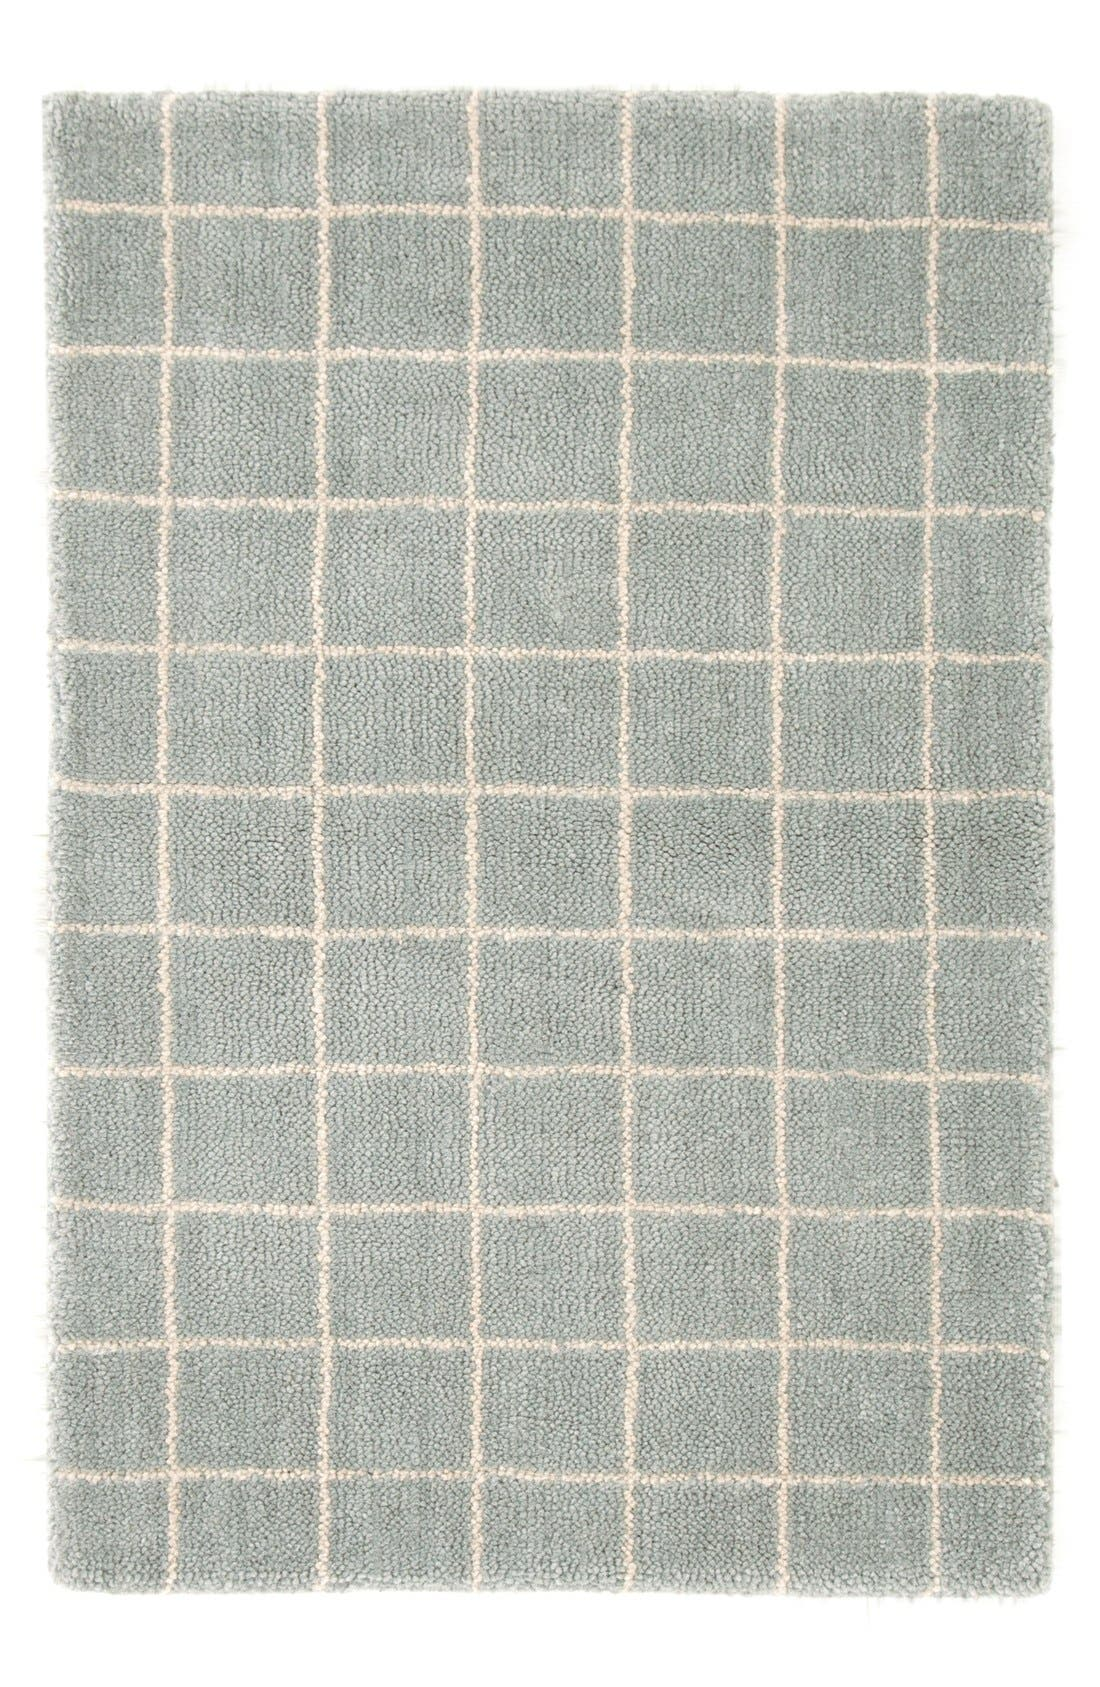 Dash Amp Albert Grid Tufted Wool Rug Nordstrom